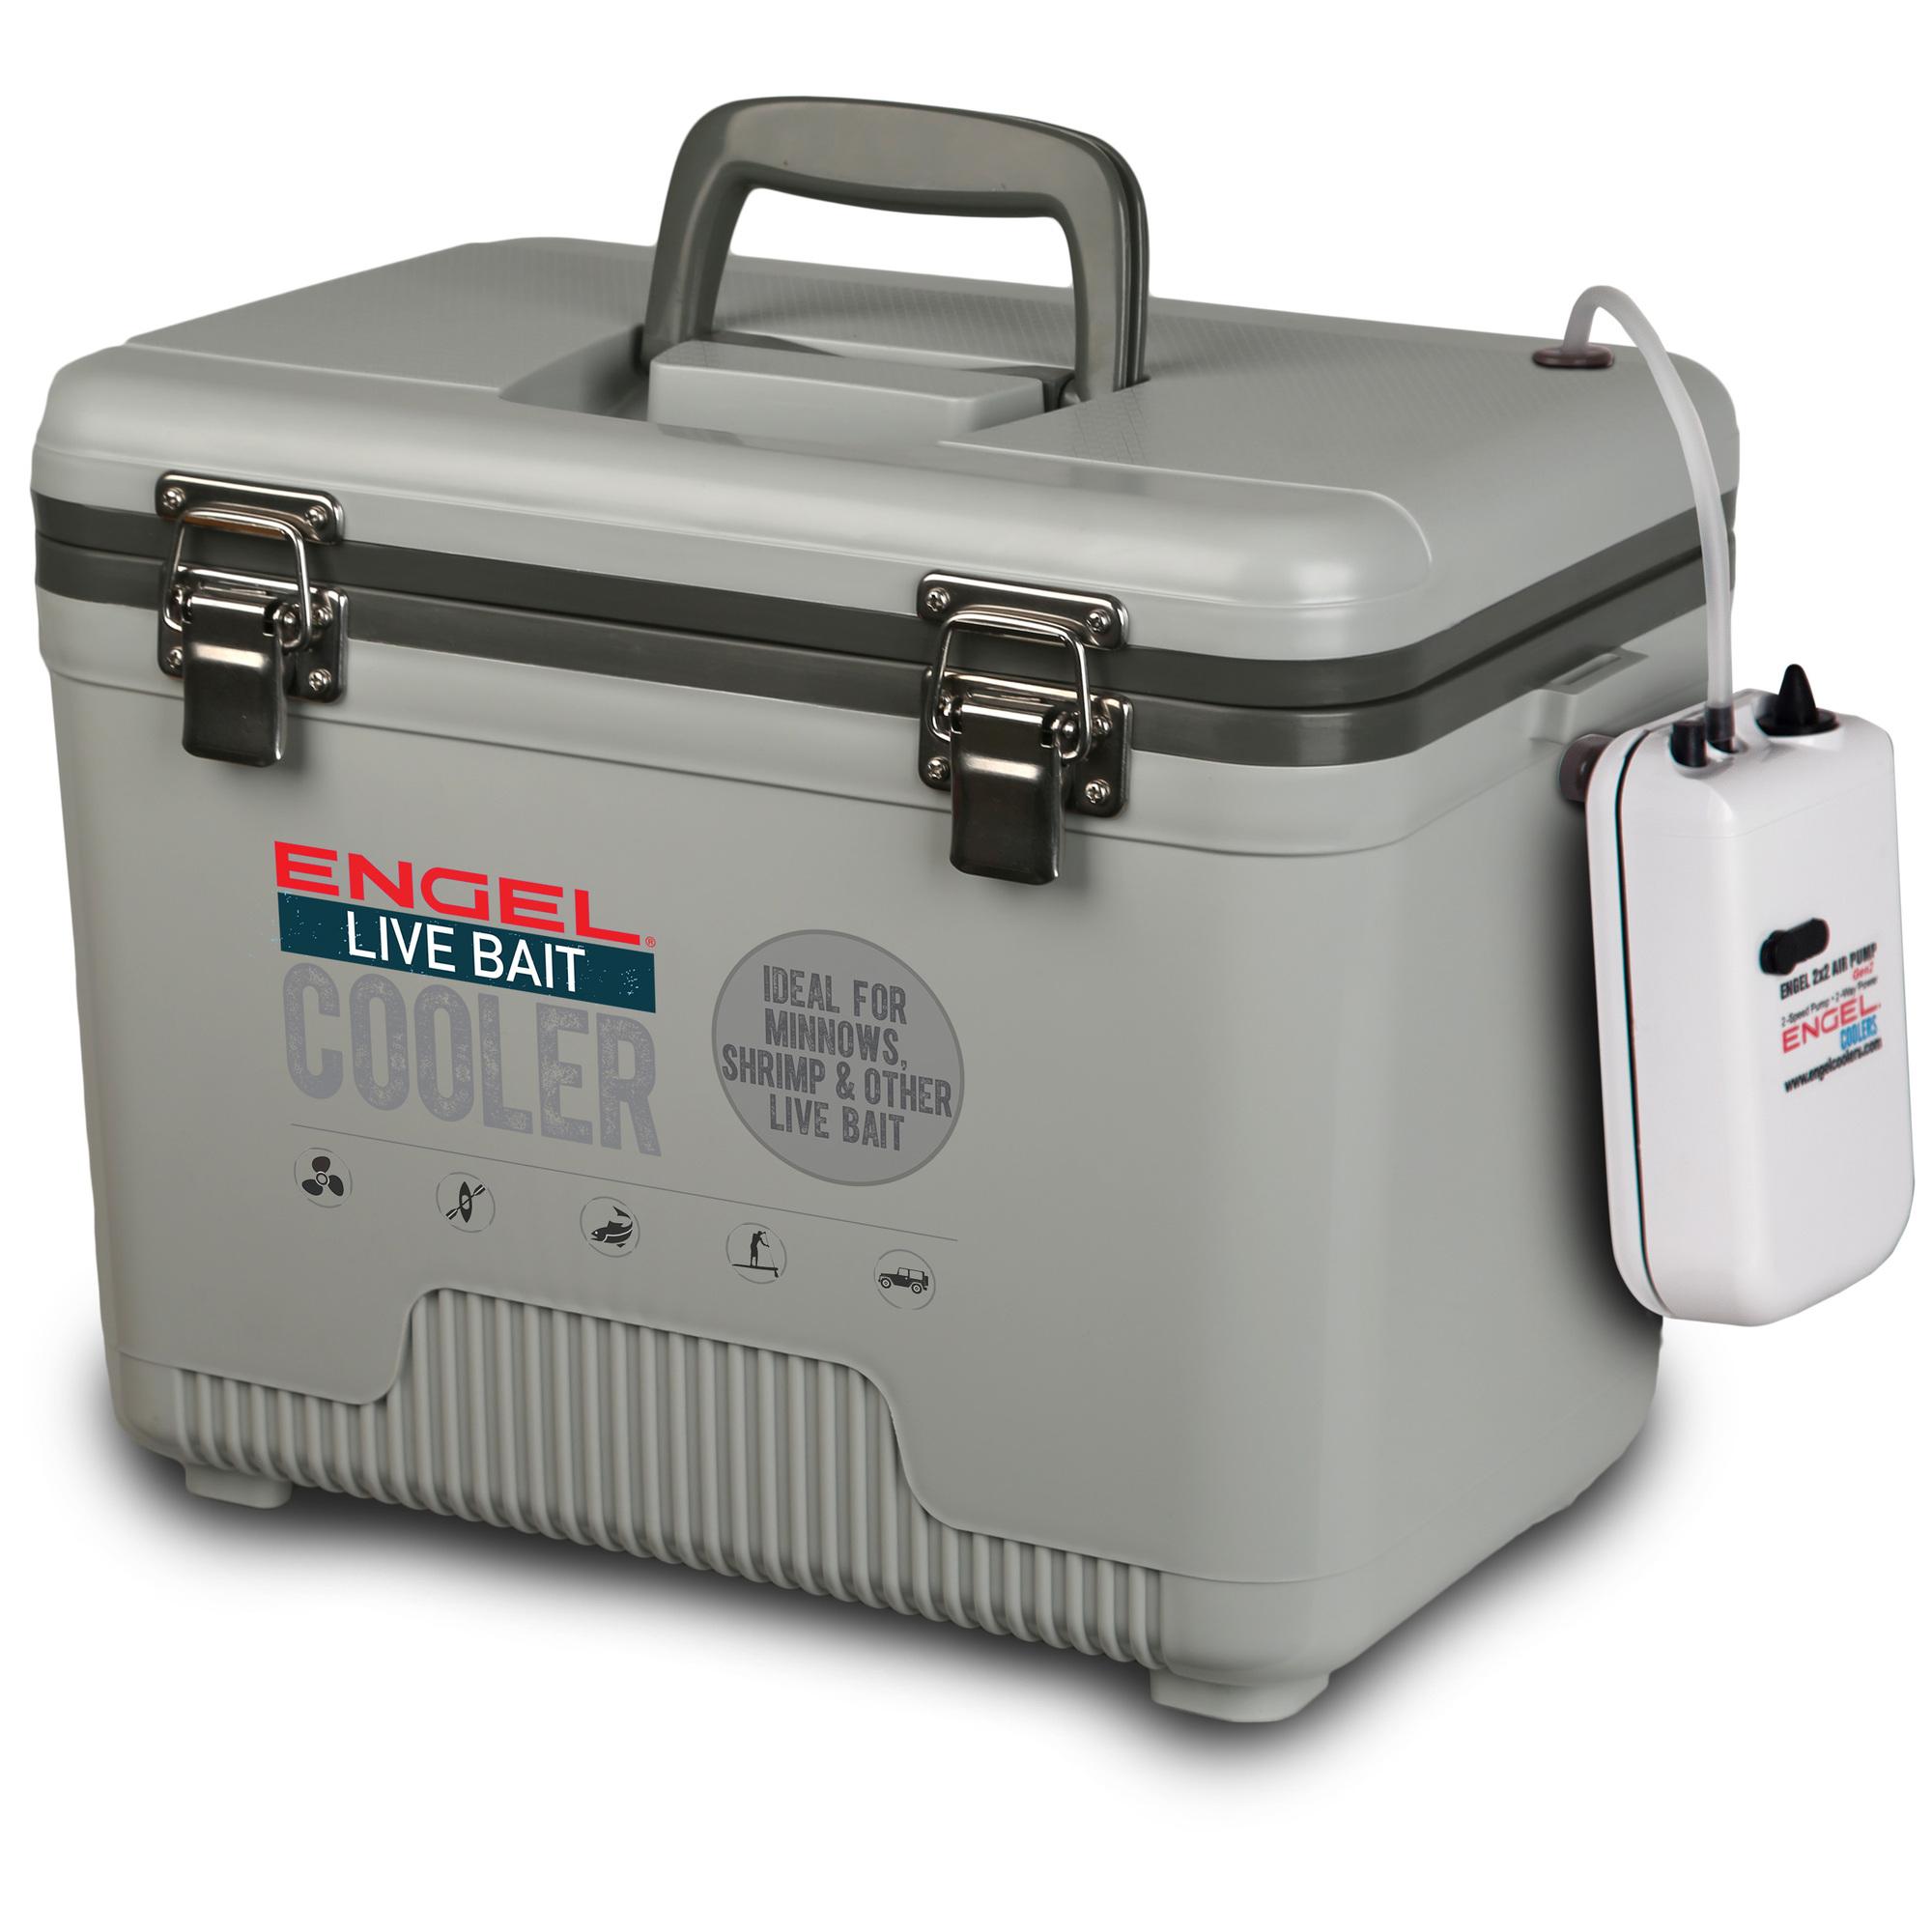 Engel ENGLBC13-N-G Live Bait Cooler 13 Qt - 2x2 Aerator Pump, Air Tube